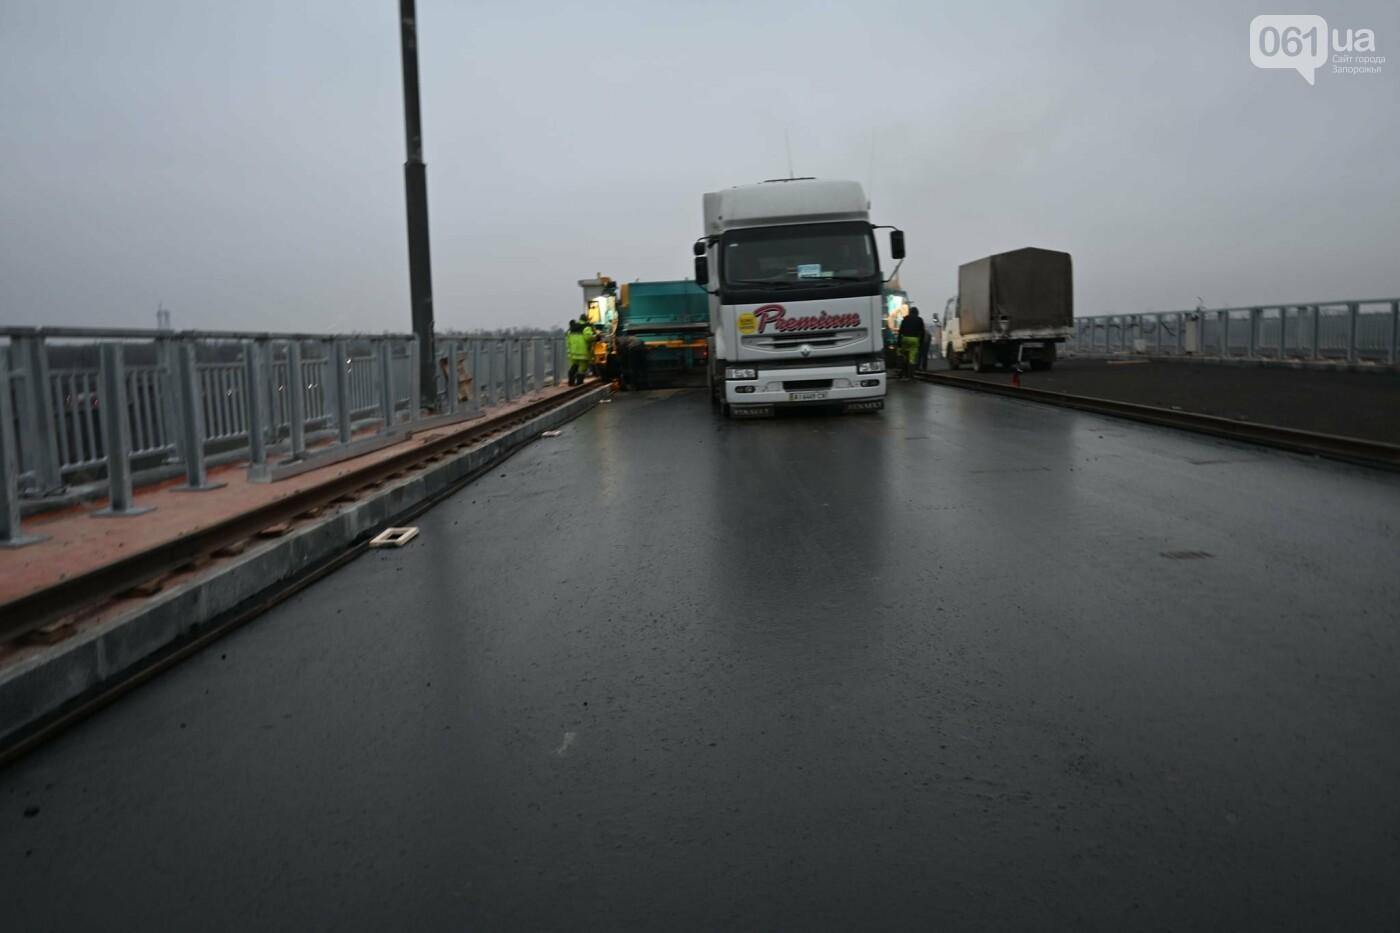 В Службе автодорог показали технологию укладки гусасфальта на строительстве мостов, - ФОТО, ВИДЕО, фото-3